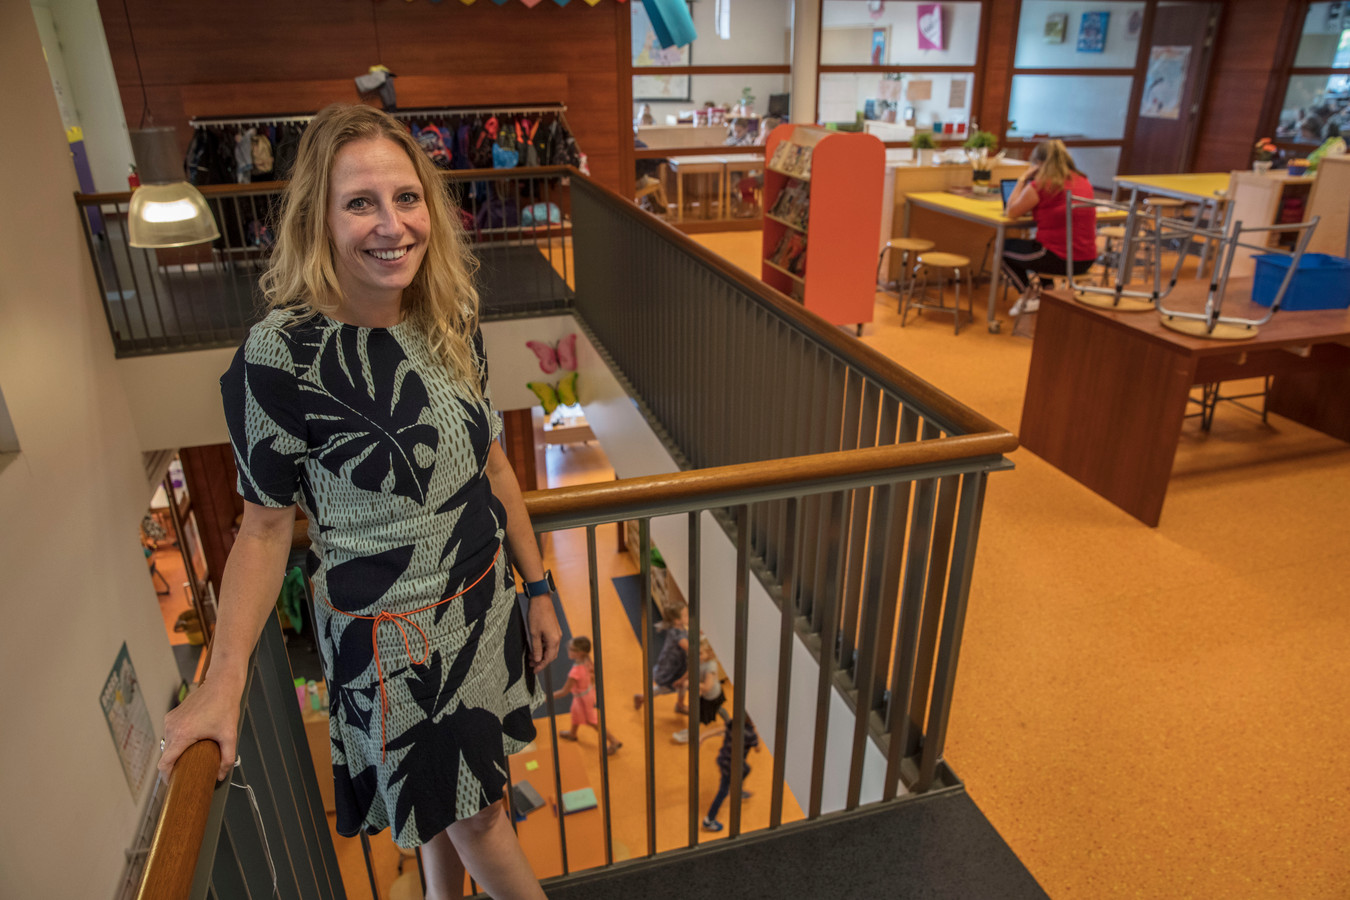 Iris Schellekens is de nieuwe directeur van basisschool Het Klokhuis in Beek en Donk.